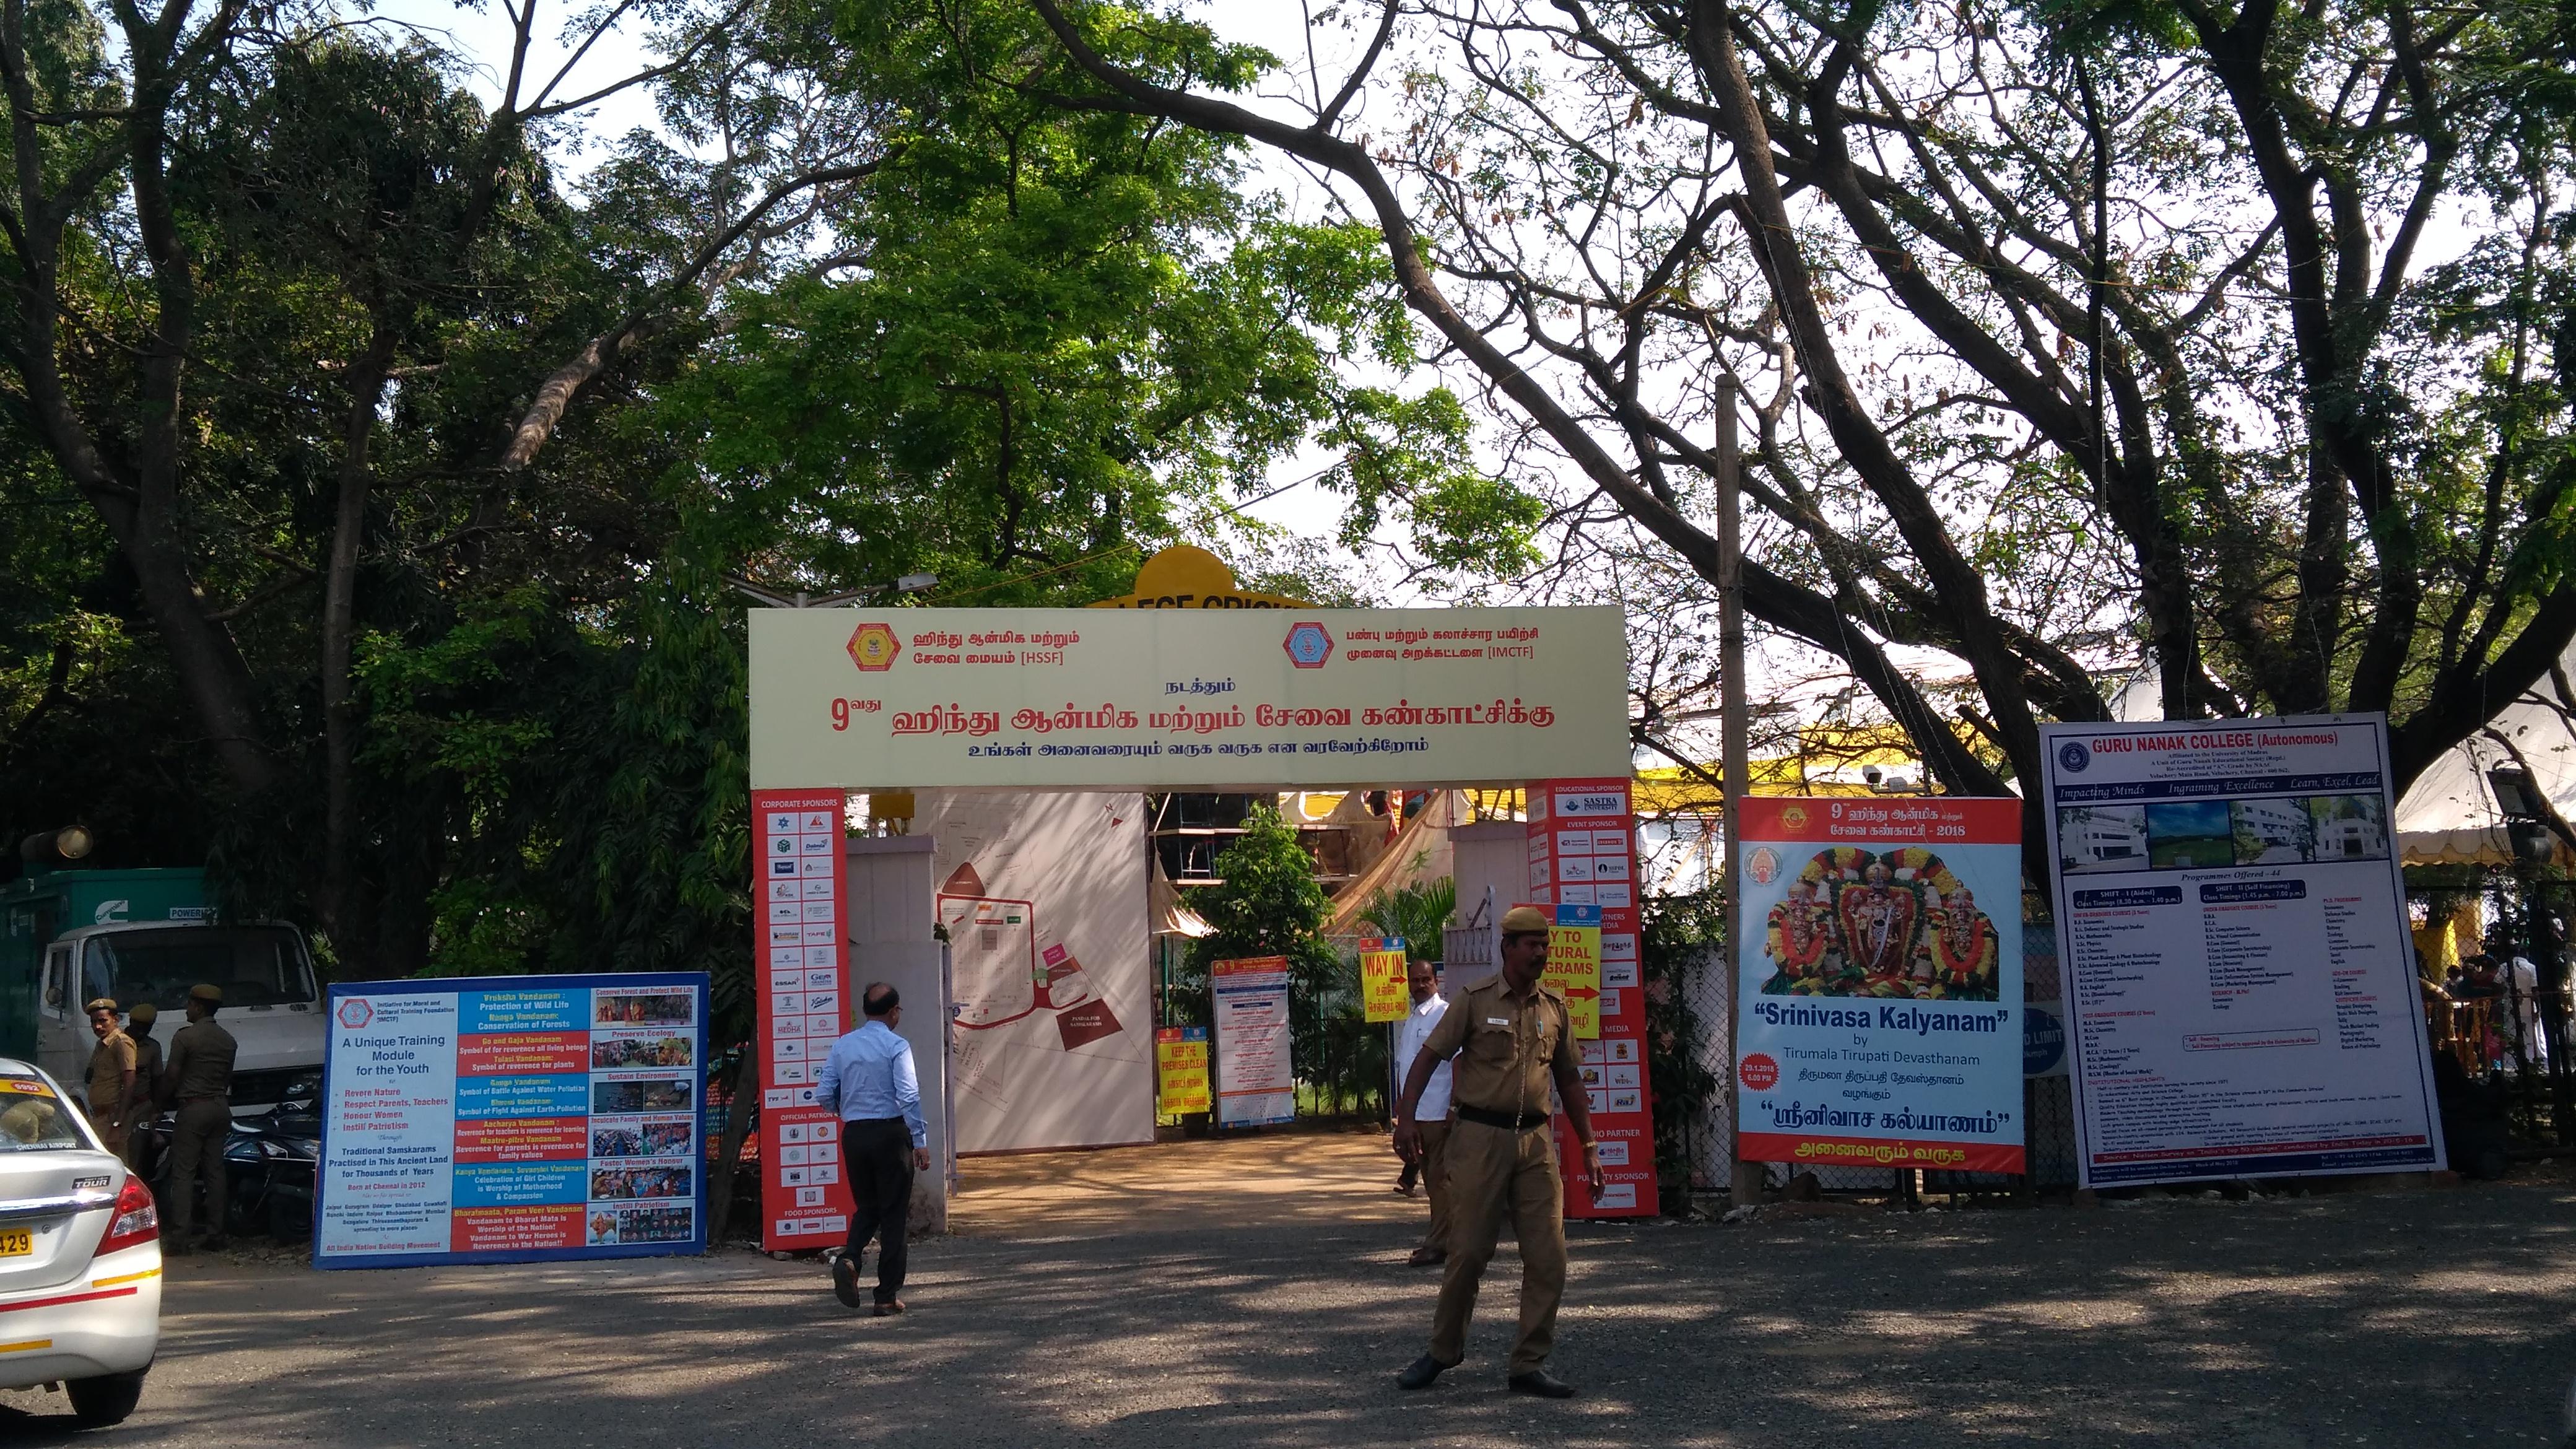 9th Hindu Spiritual Service Fair - chennai